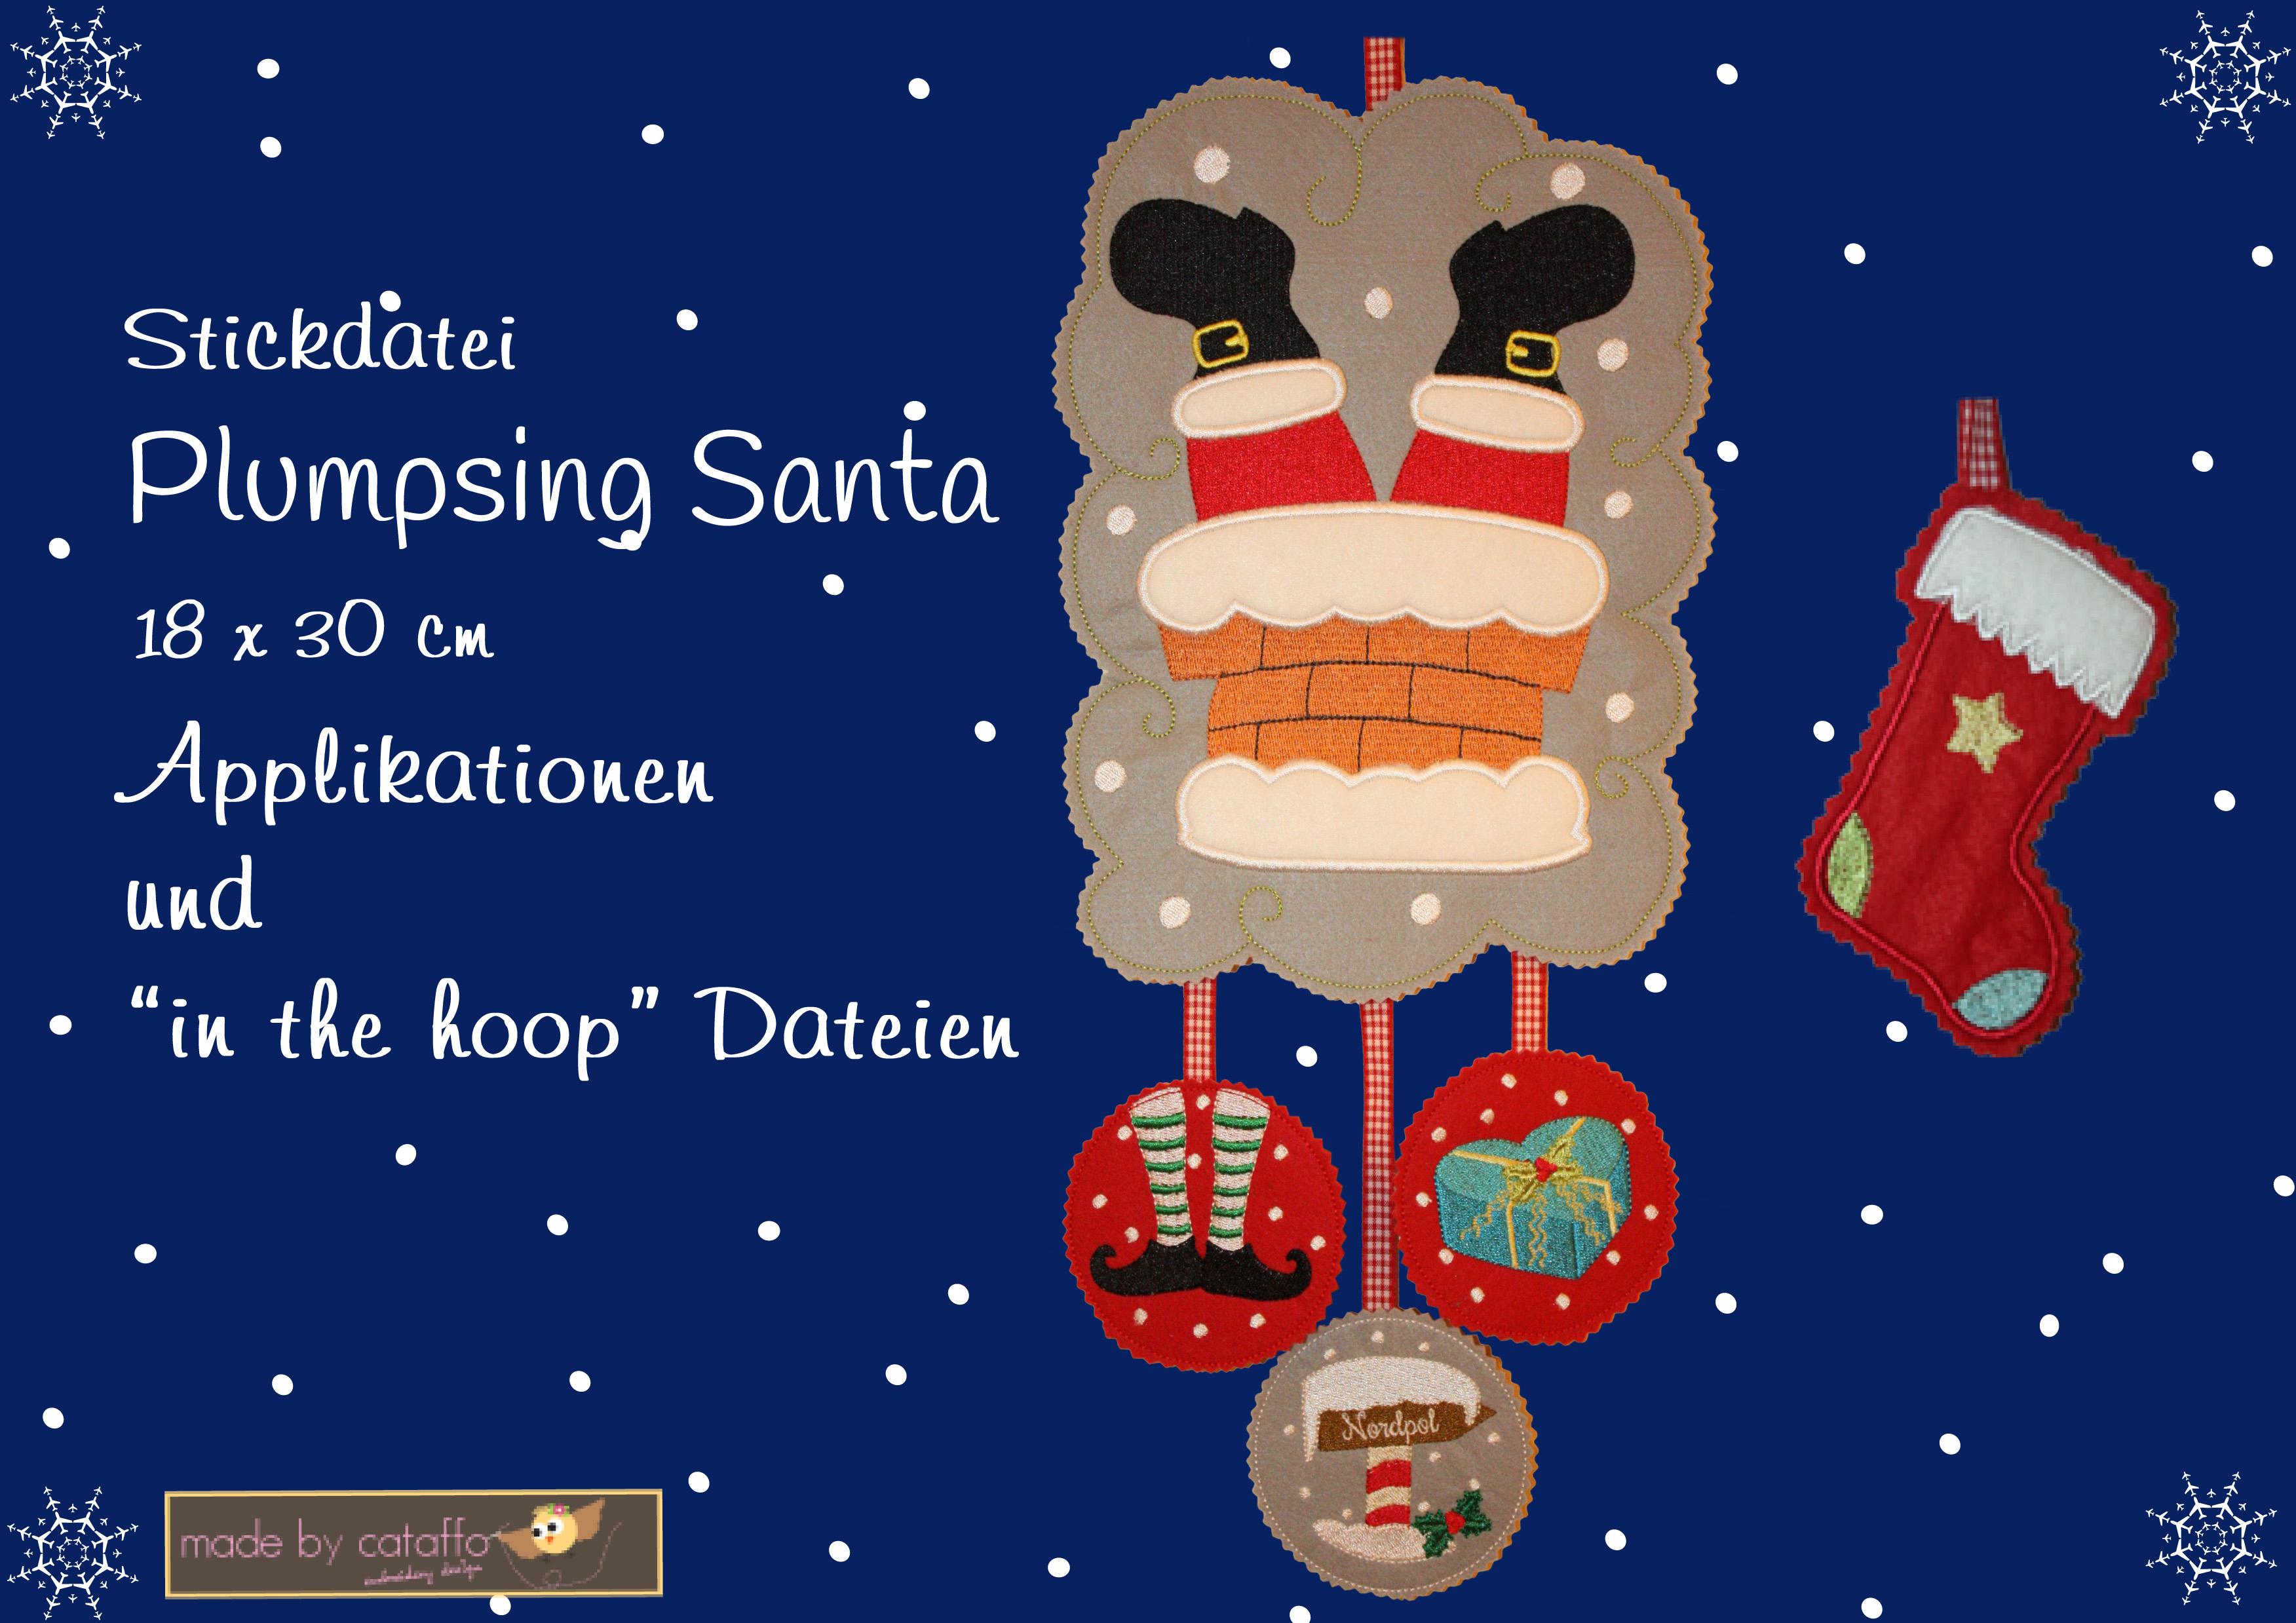 Plumpsing Santa